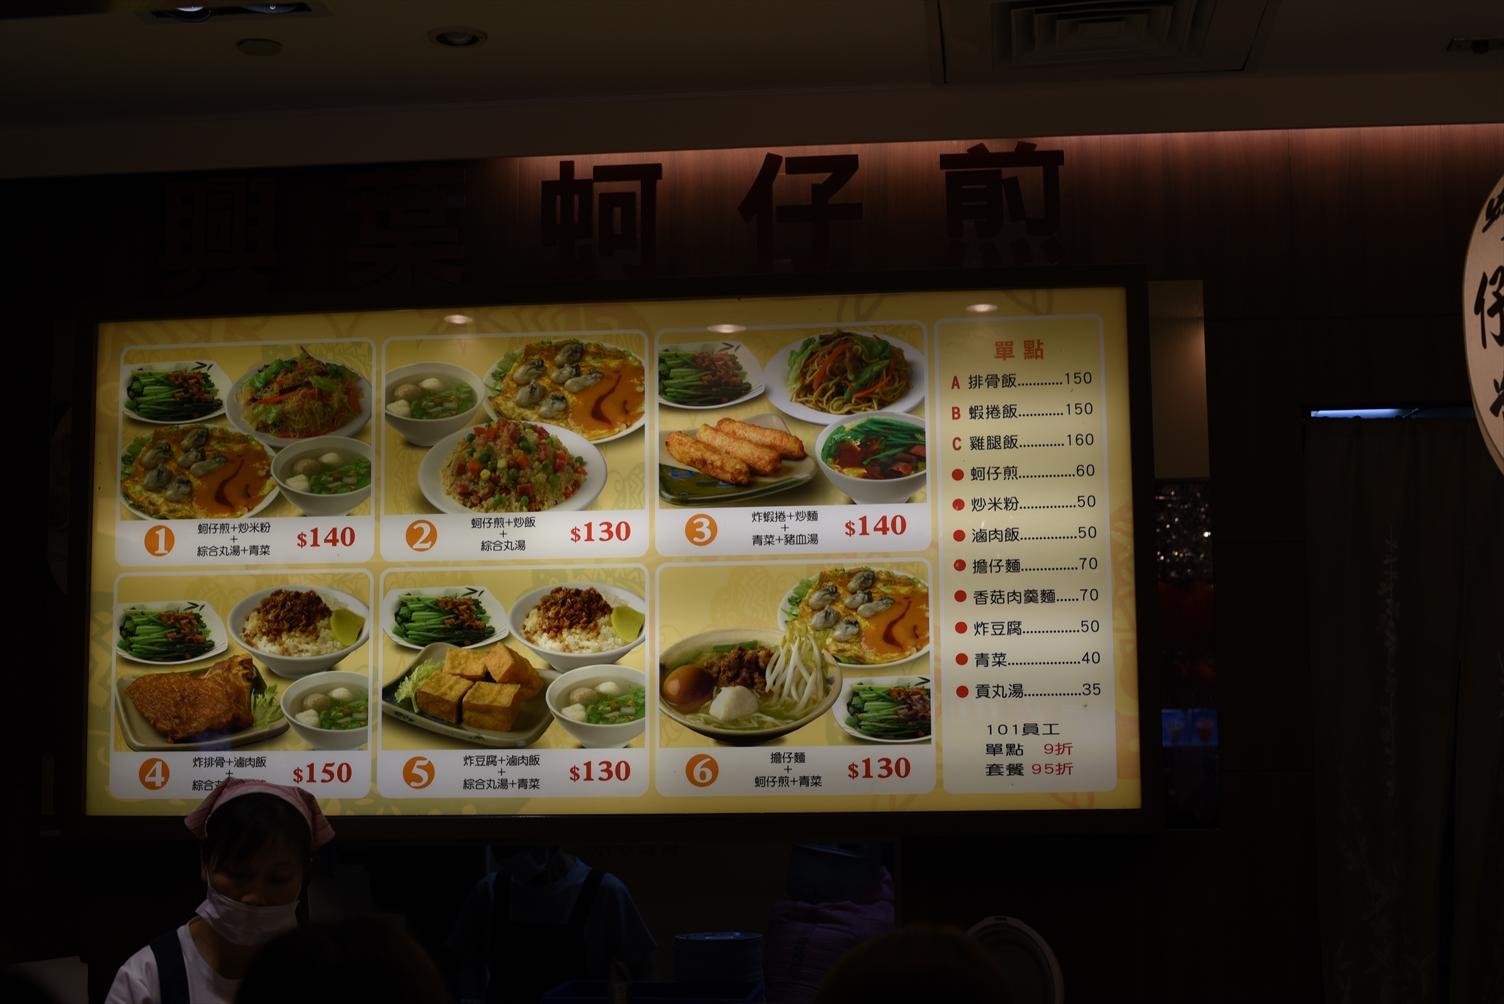 台北101 フードコート 台湾料理